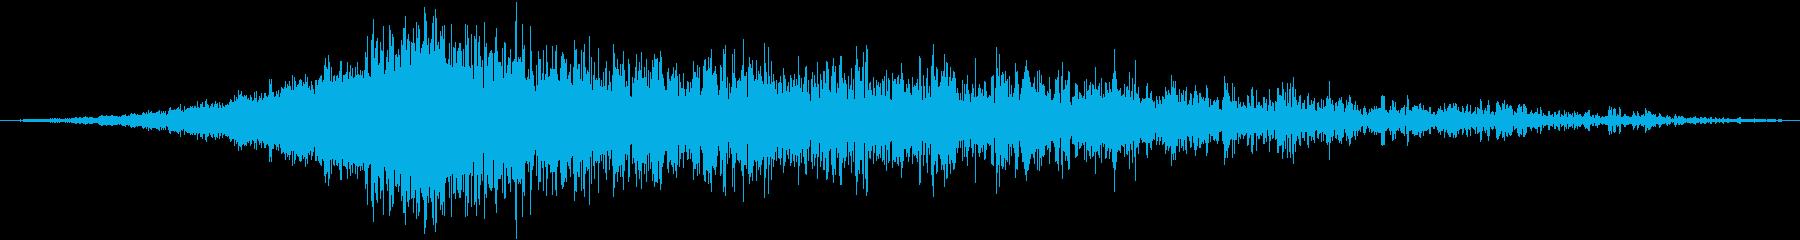 大型旅客機のオーバーヘッドの再生済みの波形